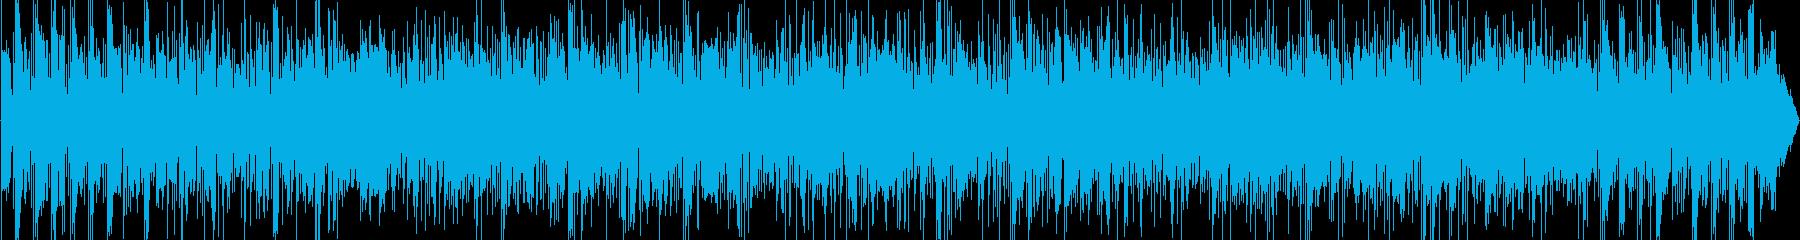 スムースジャズ、スタイリッシュ、エレピの再生済みの波形